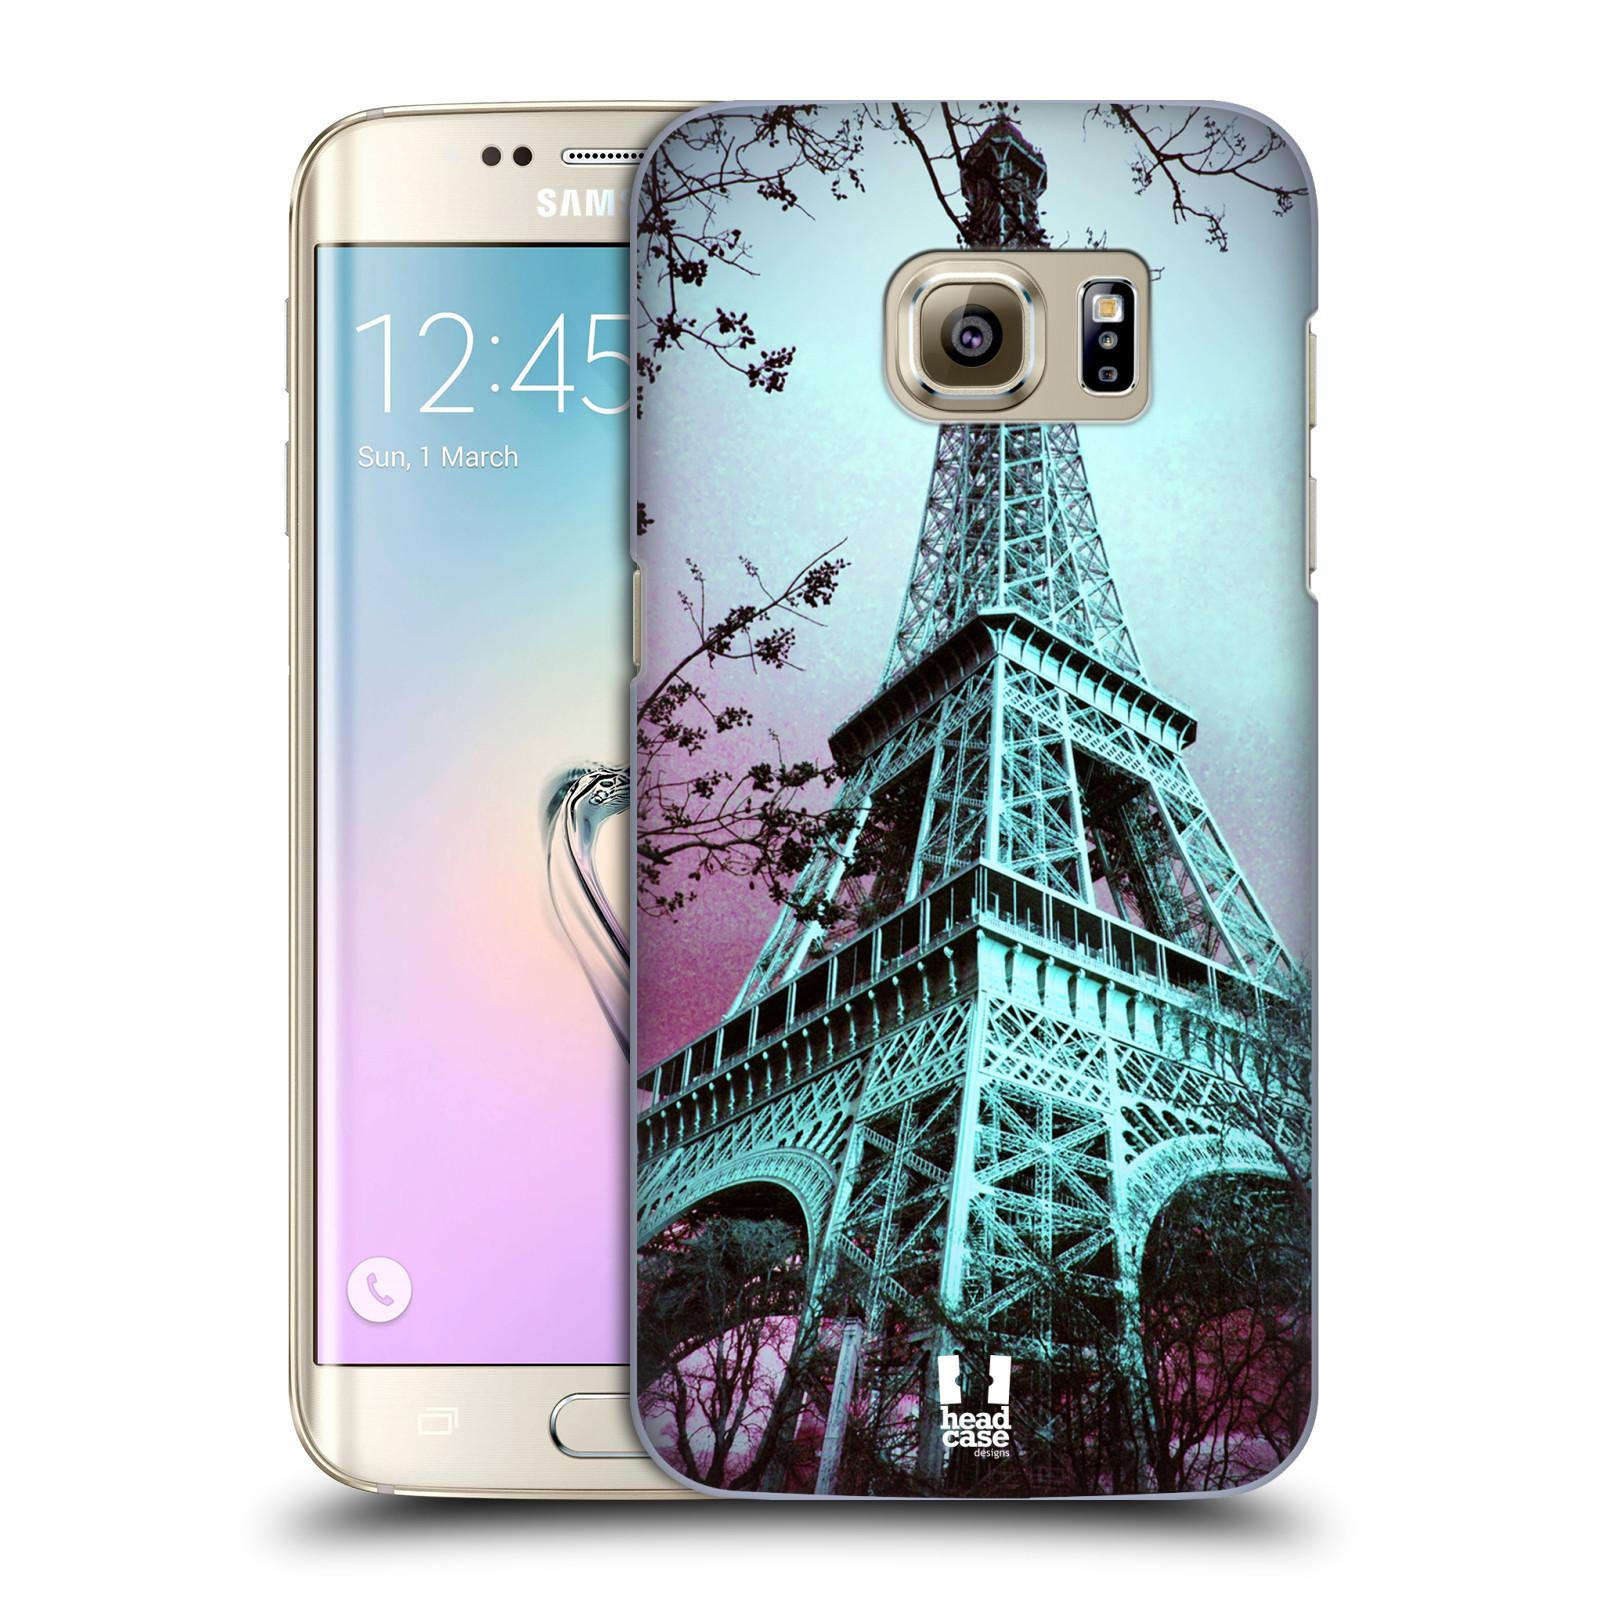 Plastové pouzdro na mobil Samsung Galaxy S7 Edge HEAD CASE RŮŽOVOMODRÁ AIFELOVKA (Kryt či obal na mobilní telefon Samsung Galaxy S7 Edge SM-G935F)